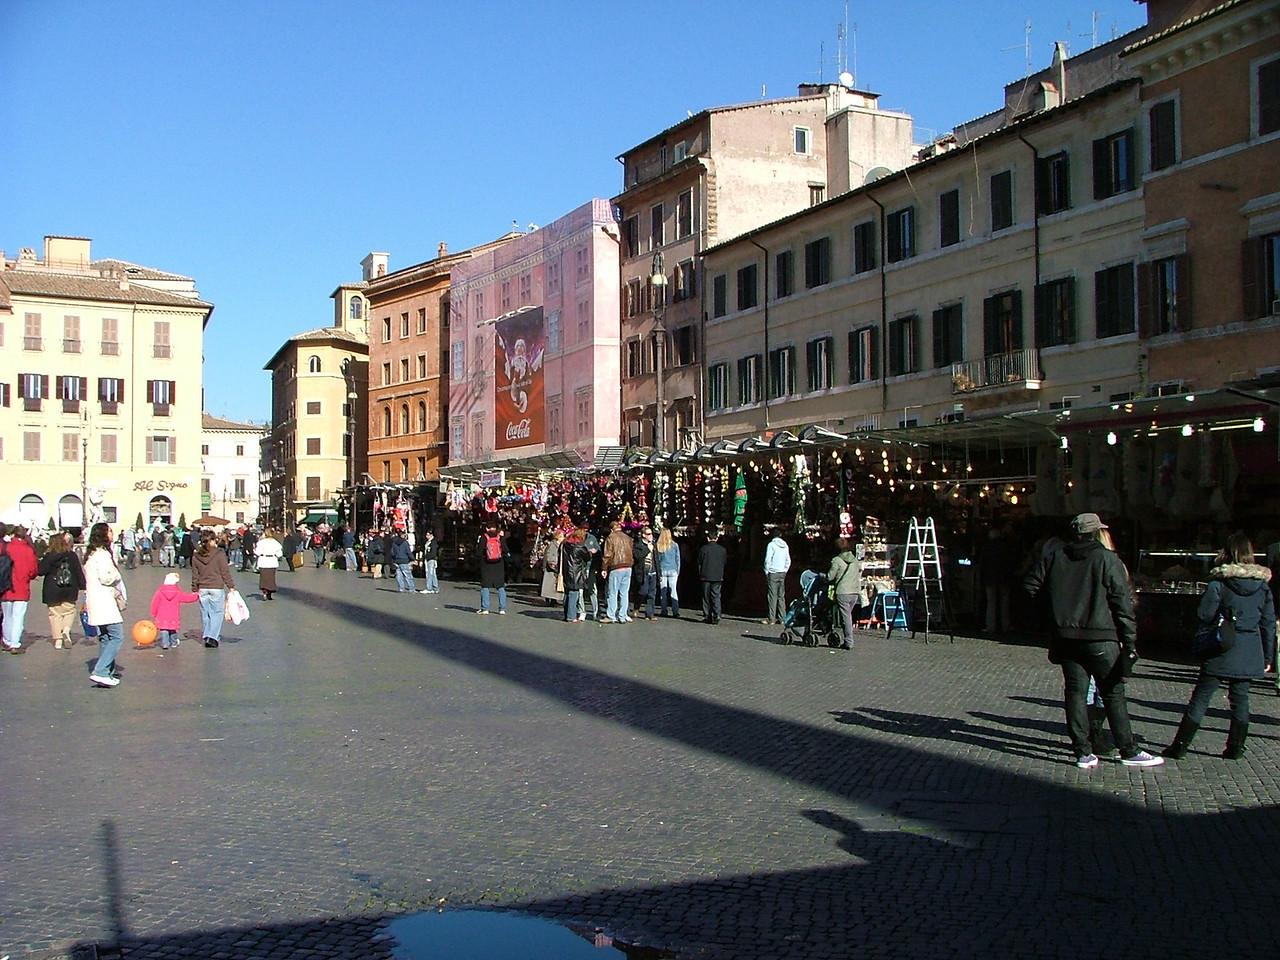 At Piazza Navona.  A Christmas bazaar.